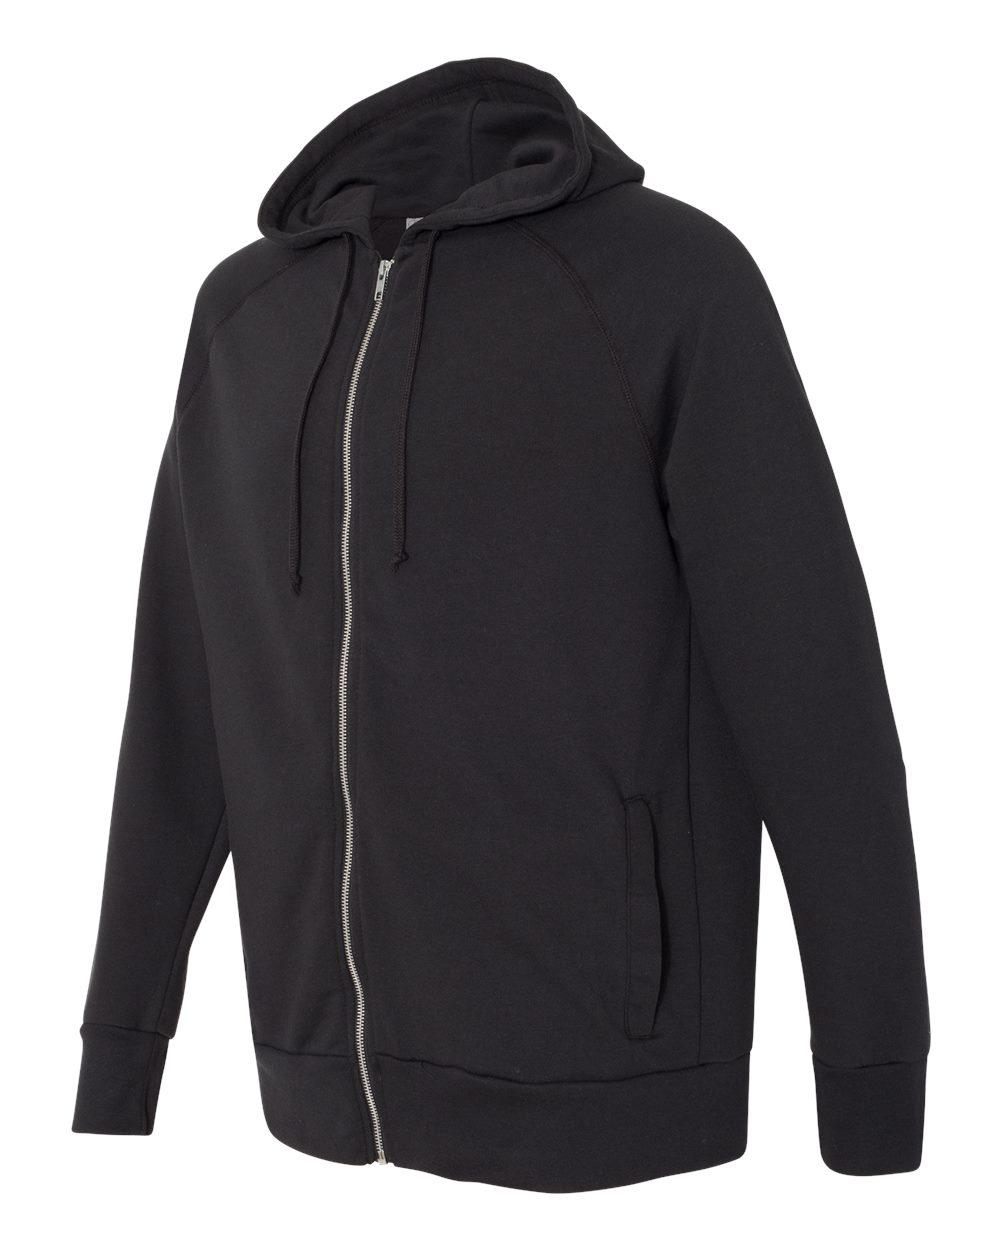 Alternative 5061 - Vintage French Terry Hooded Full-Zip Raglan Sweatshirt